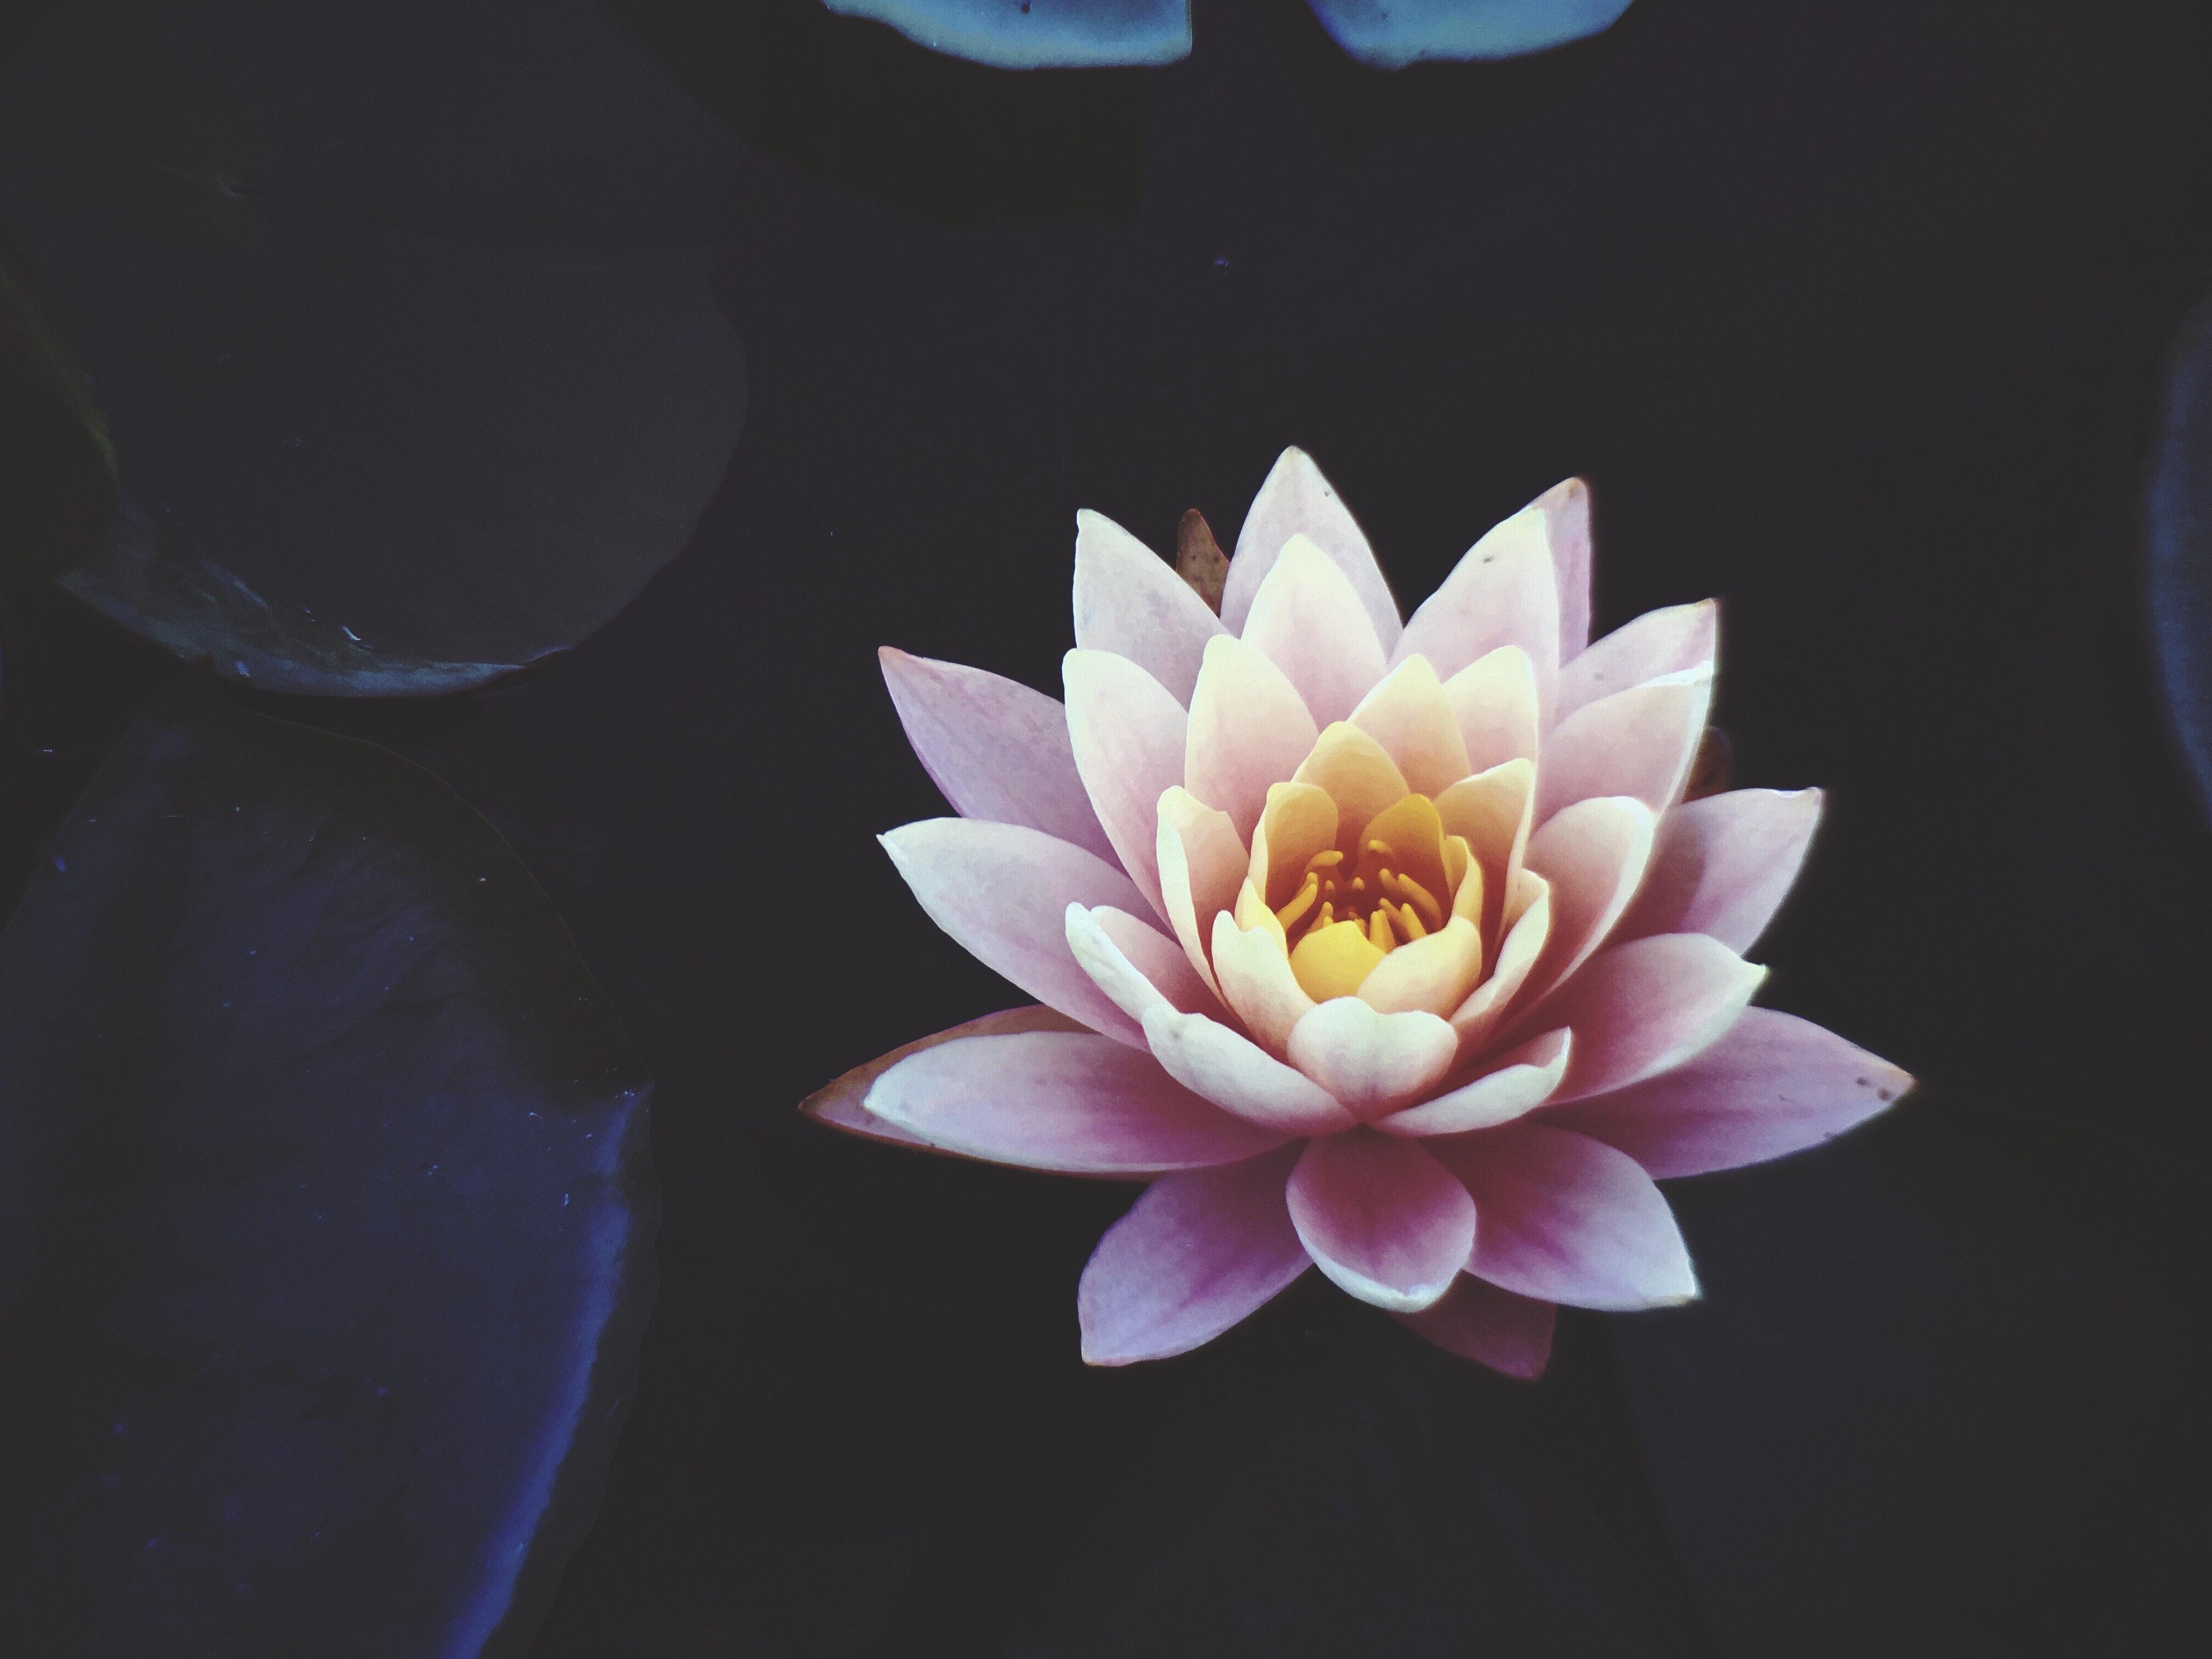 Lotus Flower Blooming during Daytime · Free Stock Photo